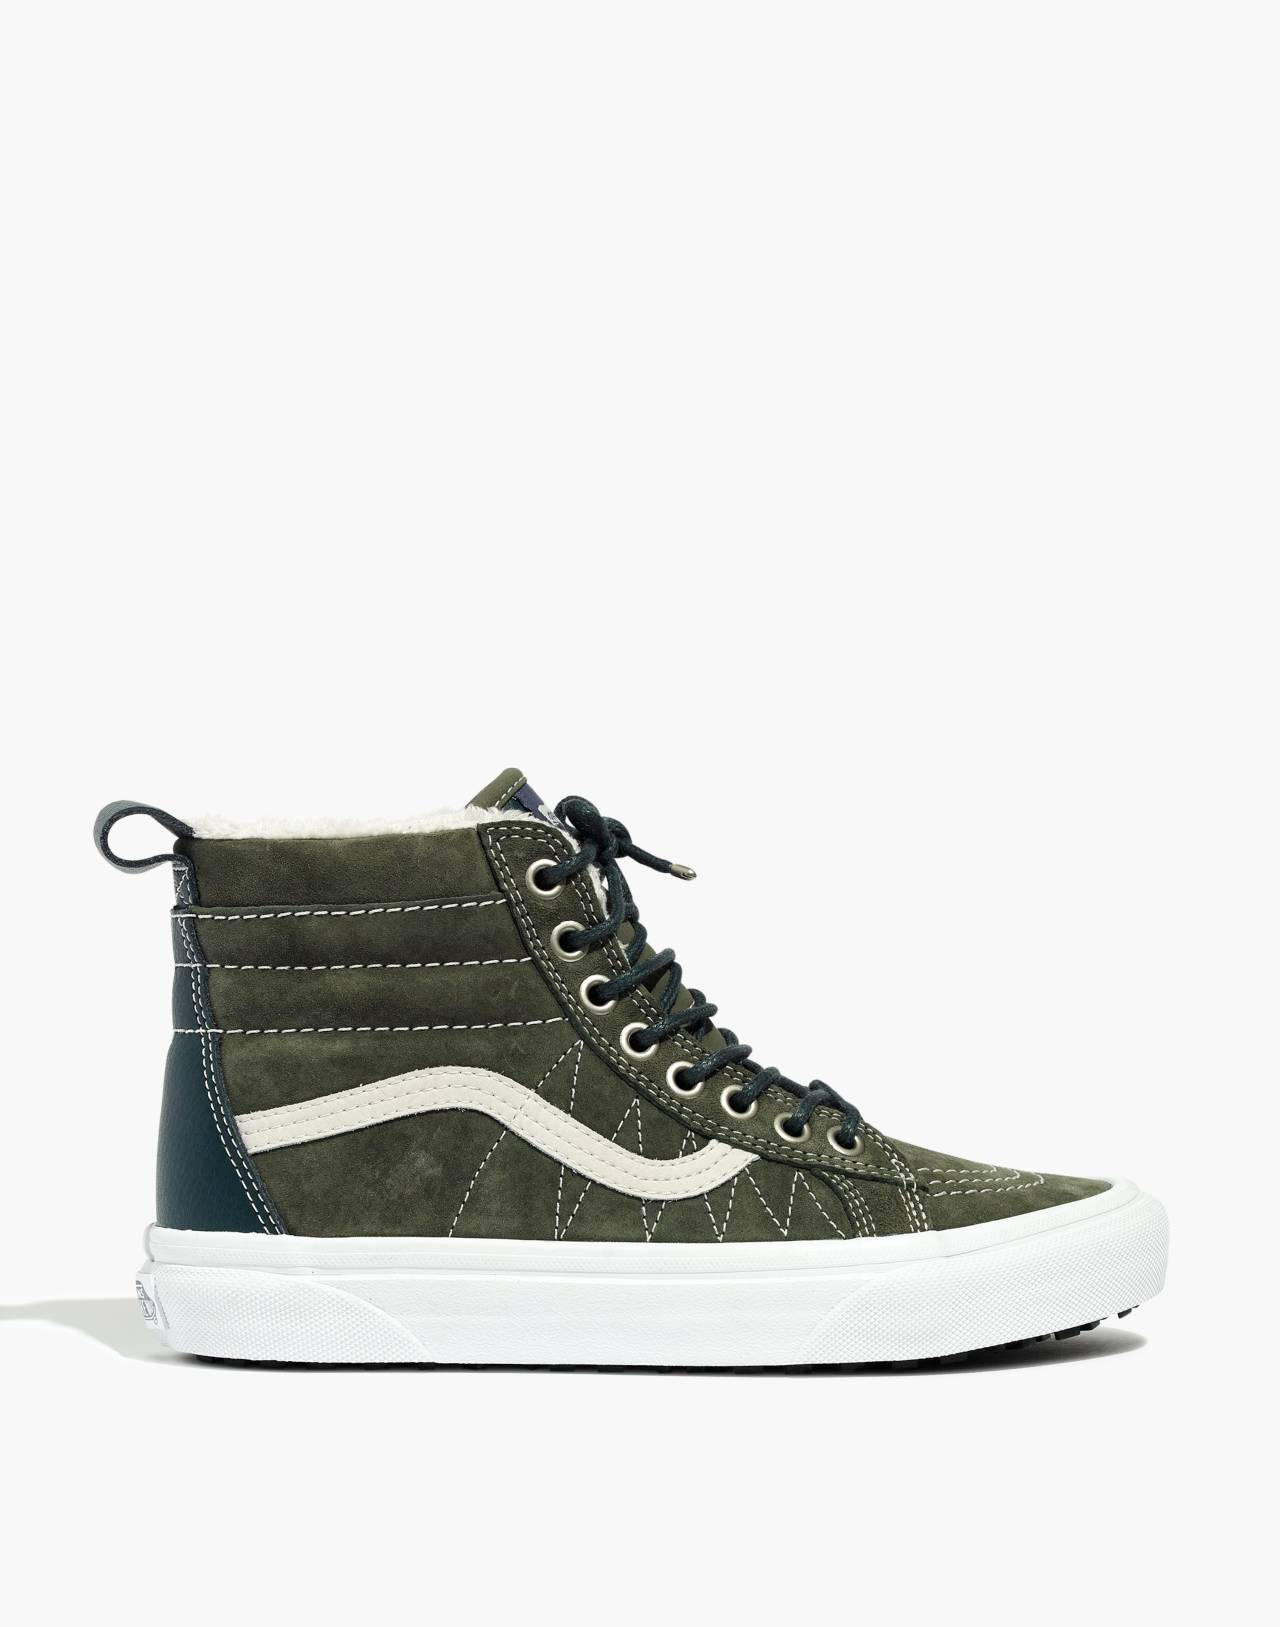 Vans® Unisex Sk8-Hi MTE High-Top Sneakers in Suede in dusty olive darkest spruce image 3